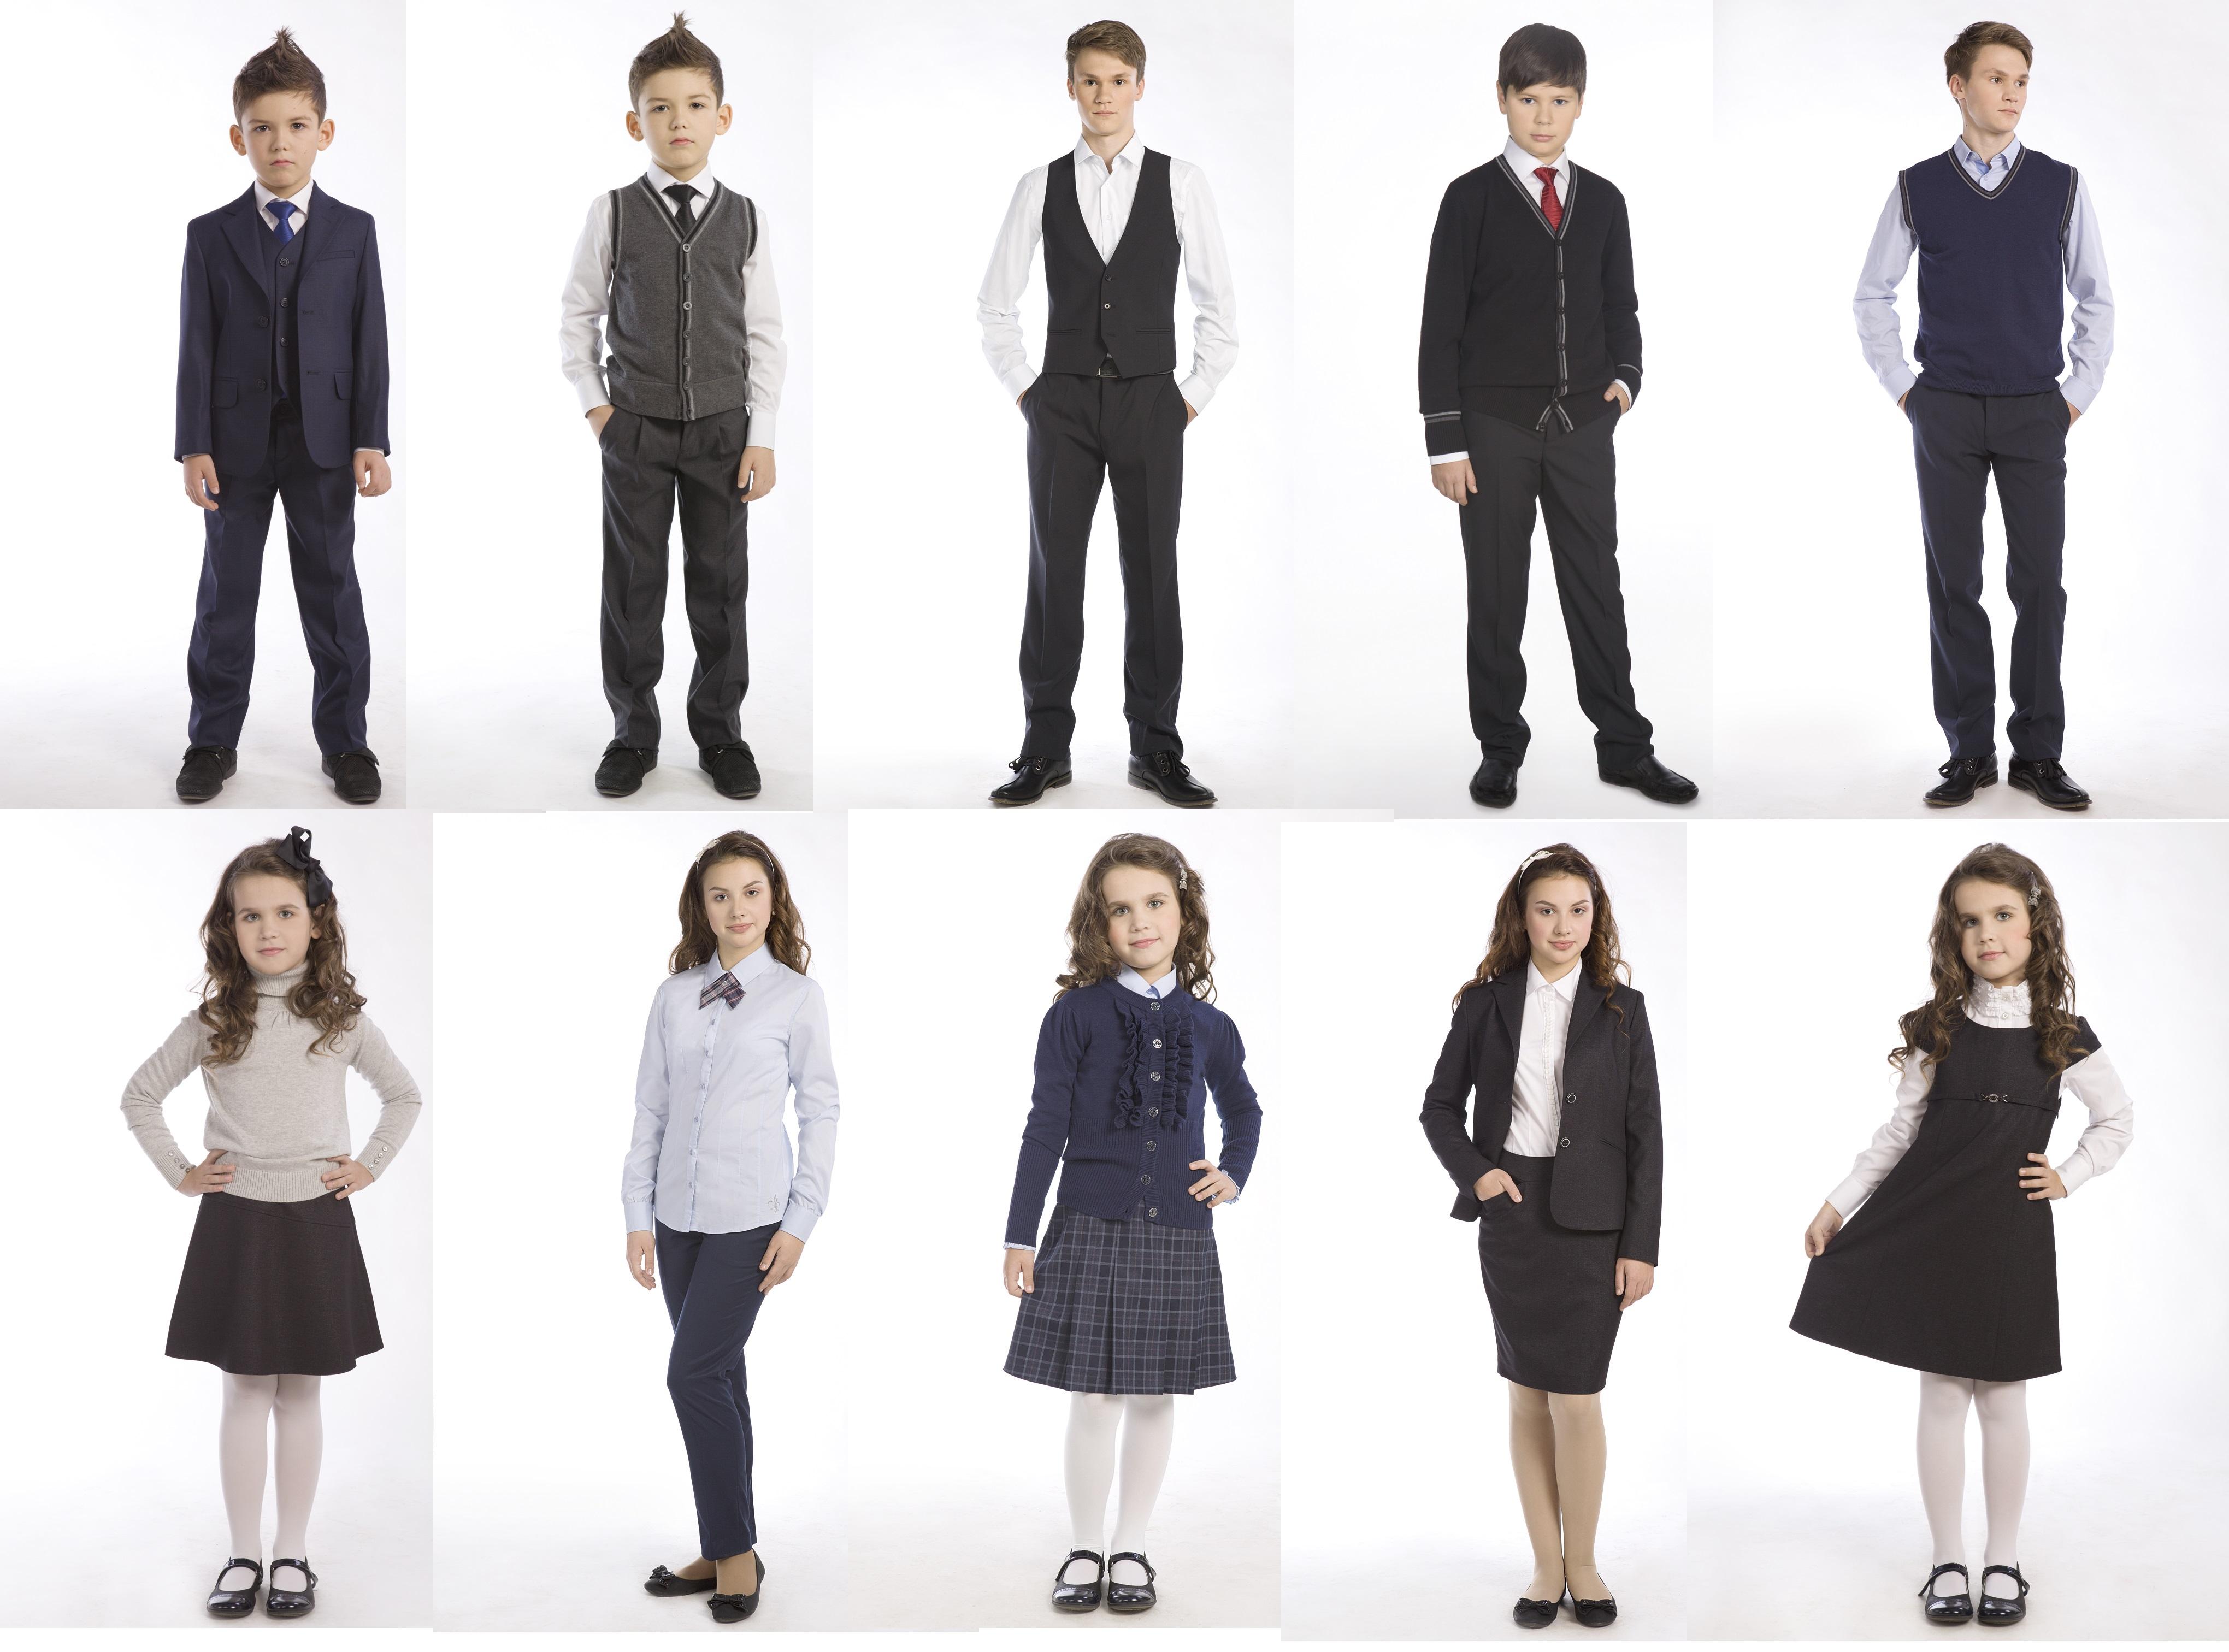 Школьная форма нового поколения! Костюмная группа и школьный трикотаж - жилеты, кардиганы, рубашки, блузки - 24. На рост от 116 до 188. Без рядов!